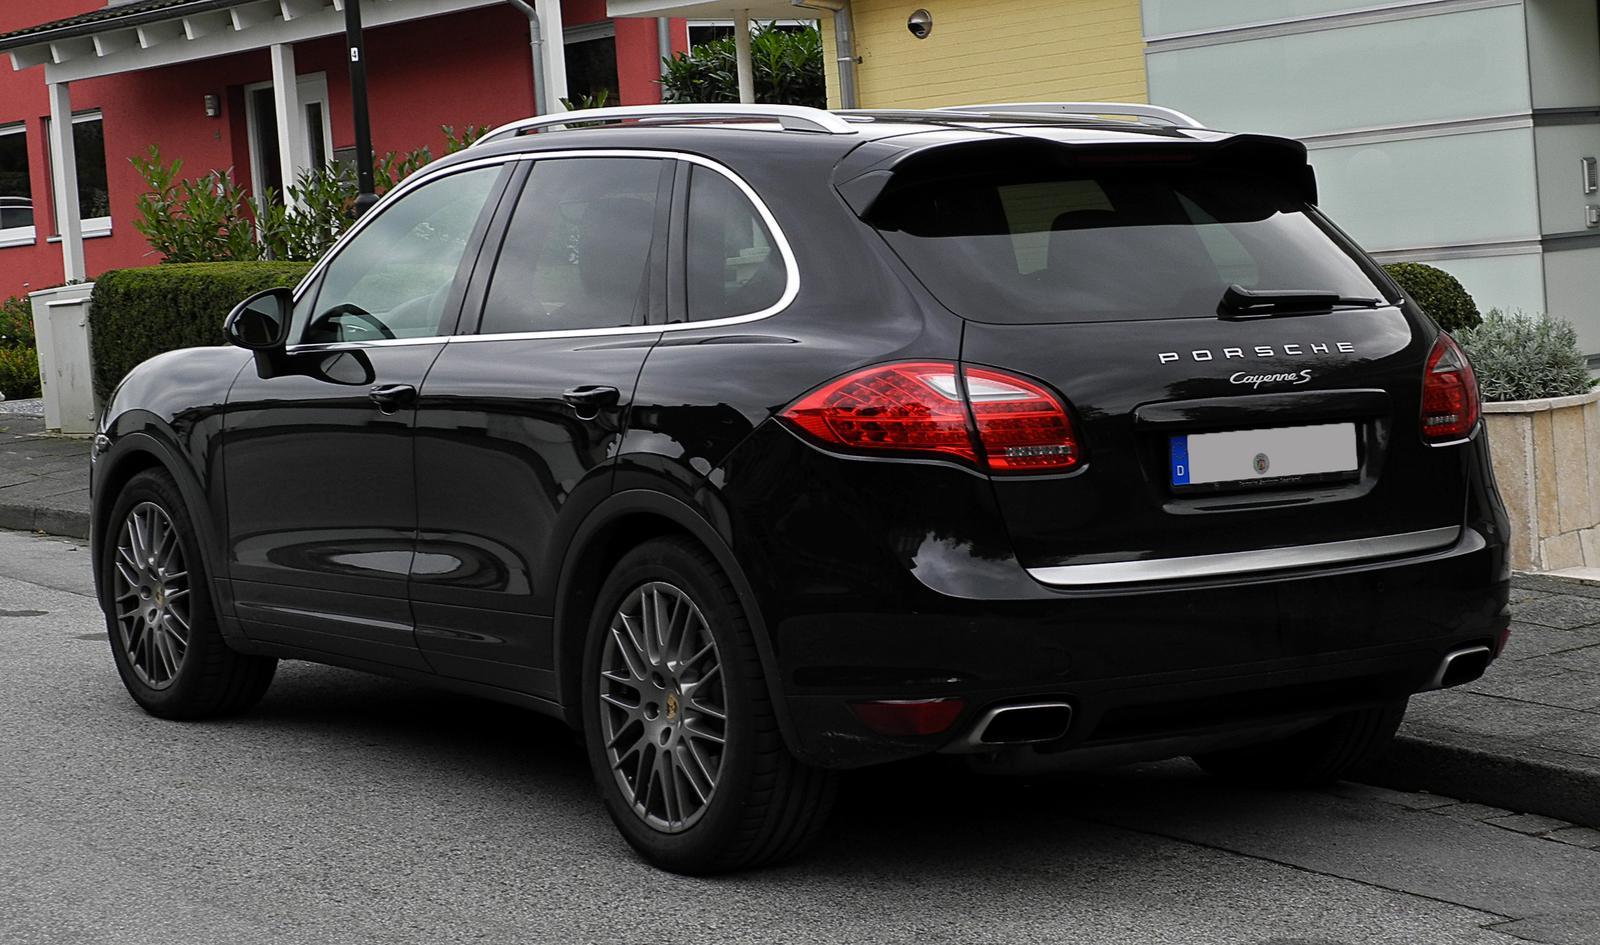 Svadba 26.09.2015 - Svadobne auticko.. Porsche cayenne :-)